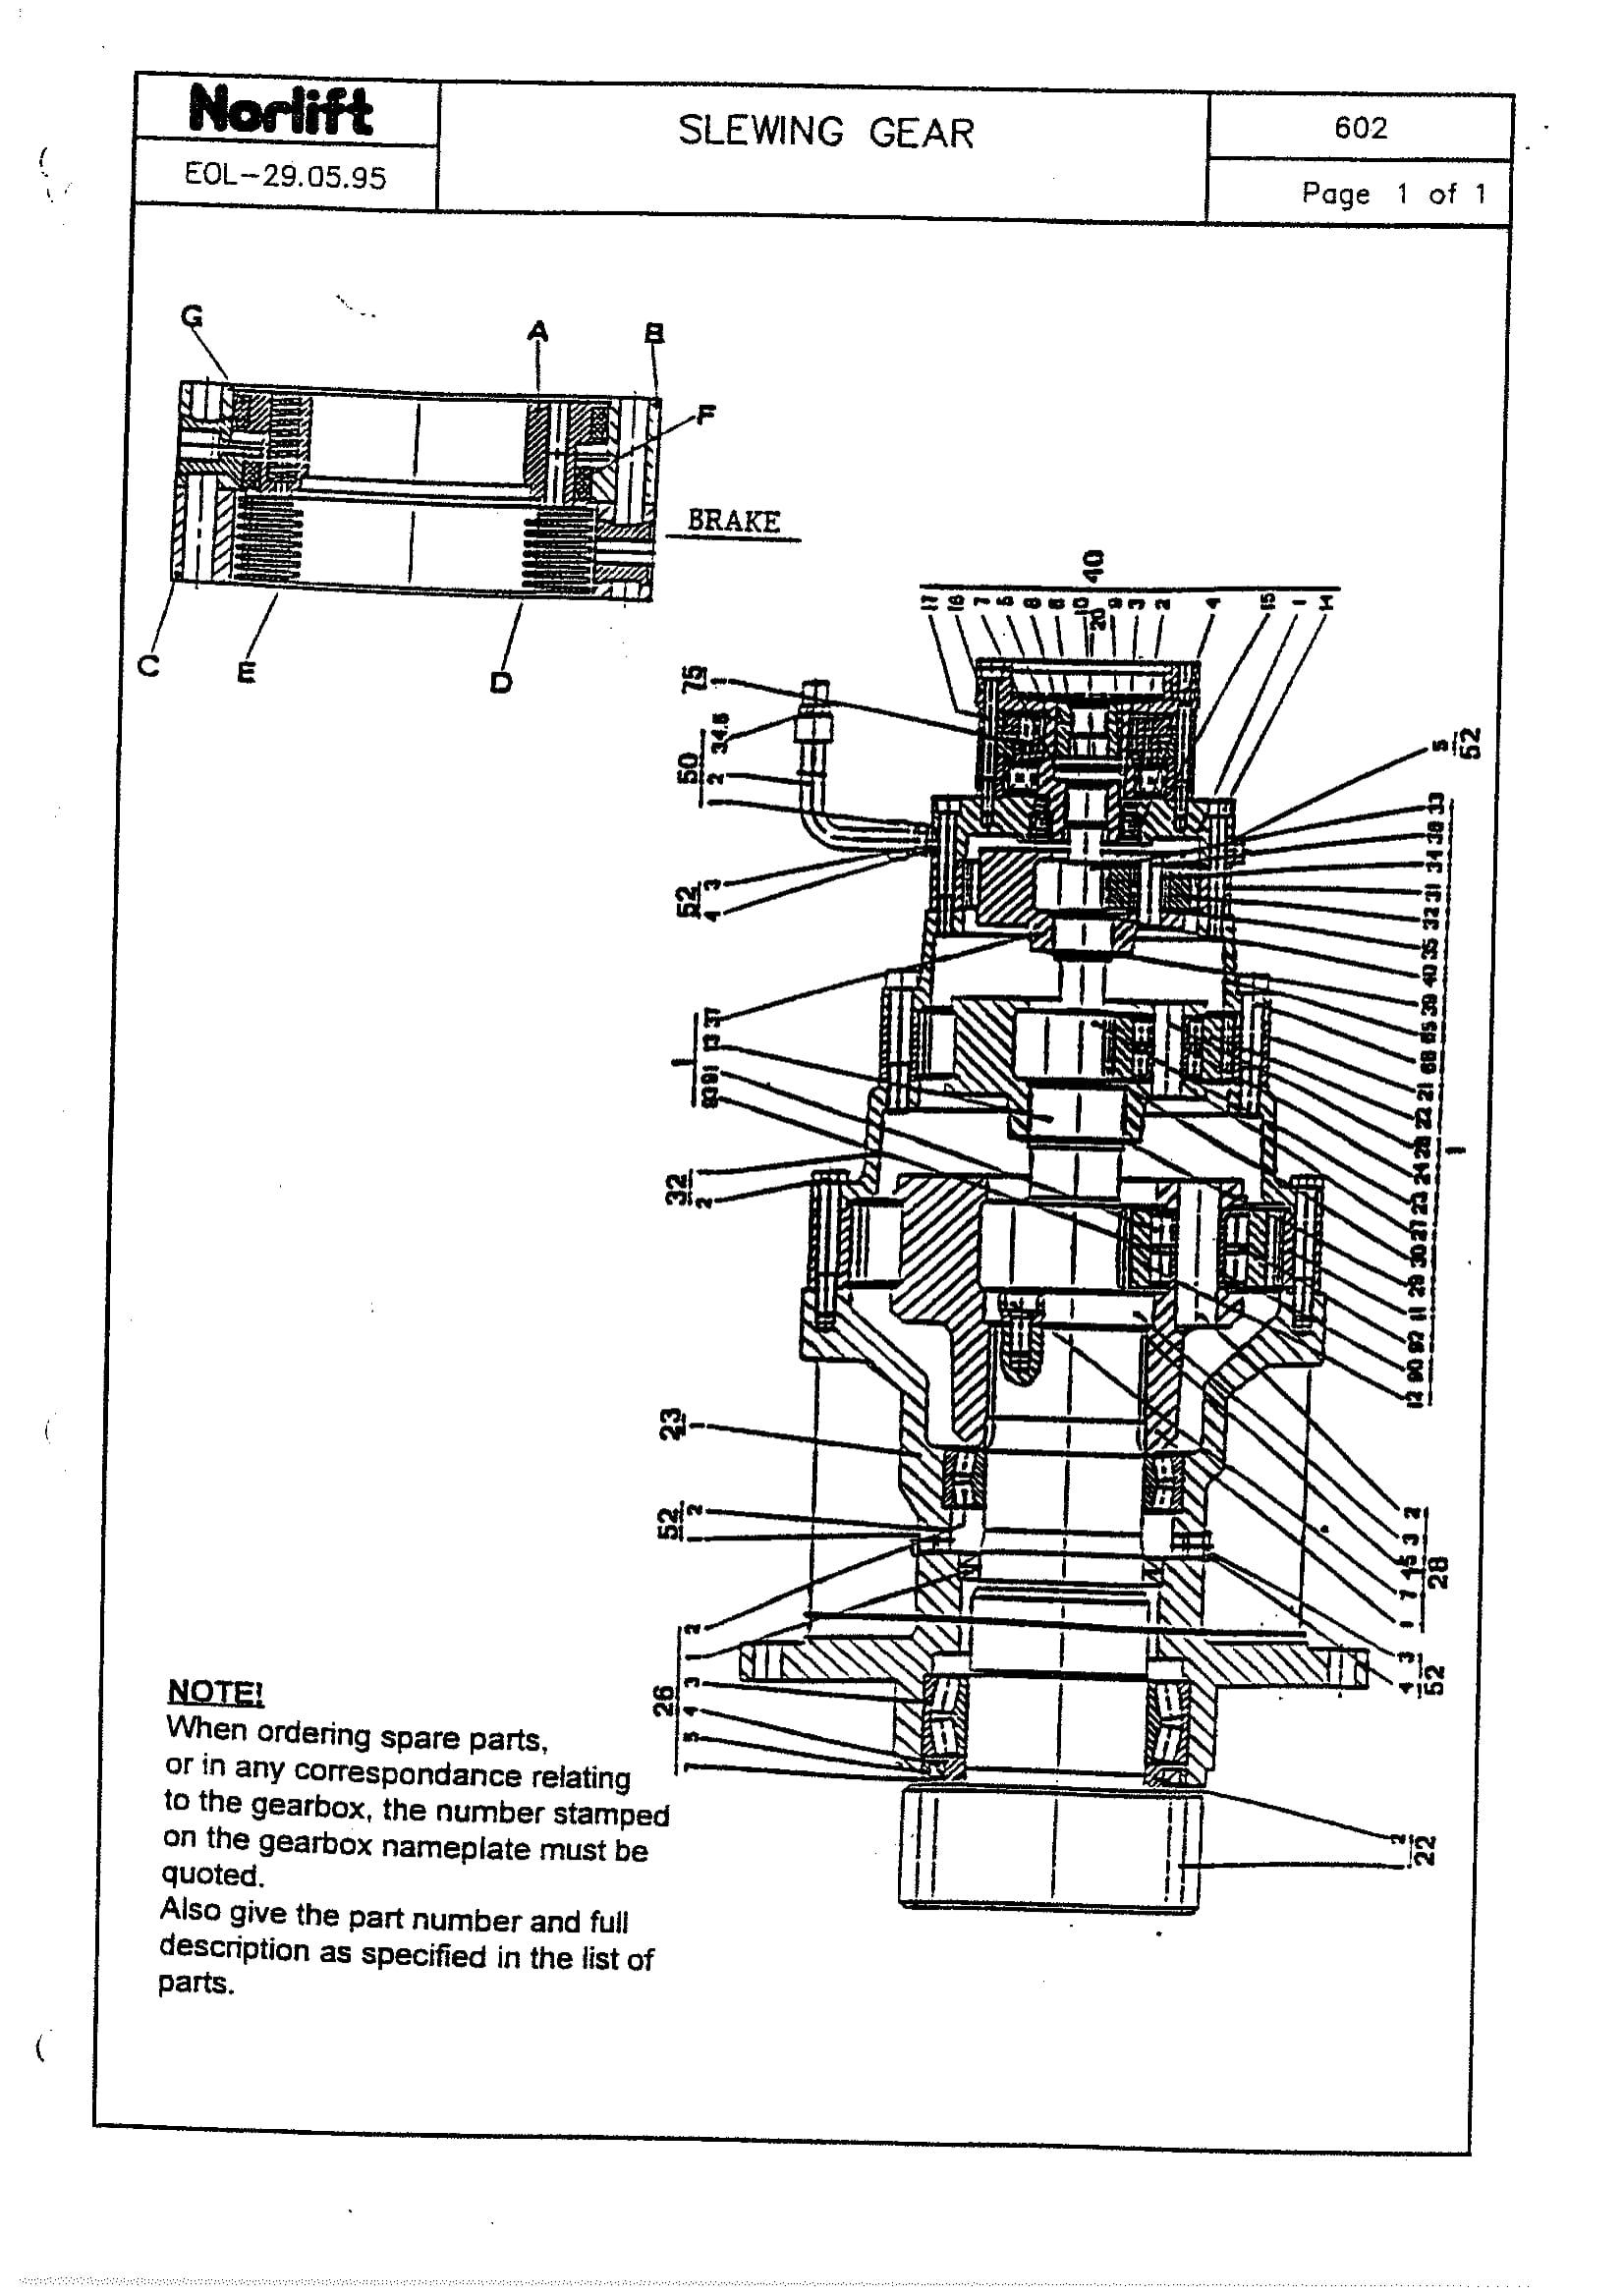 Corso di base sull'oleodinamica navale-43